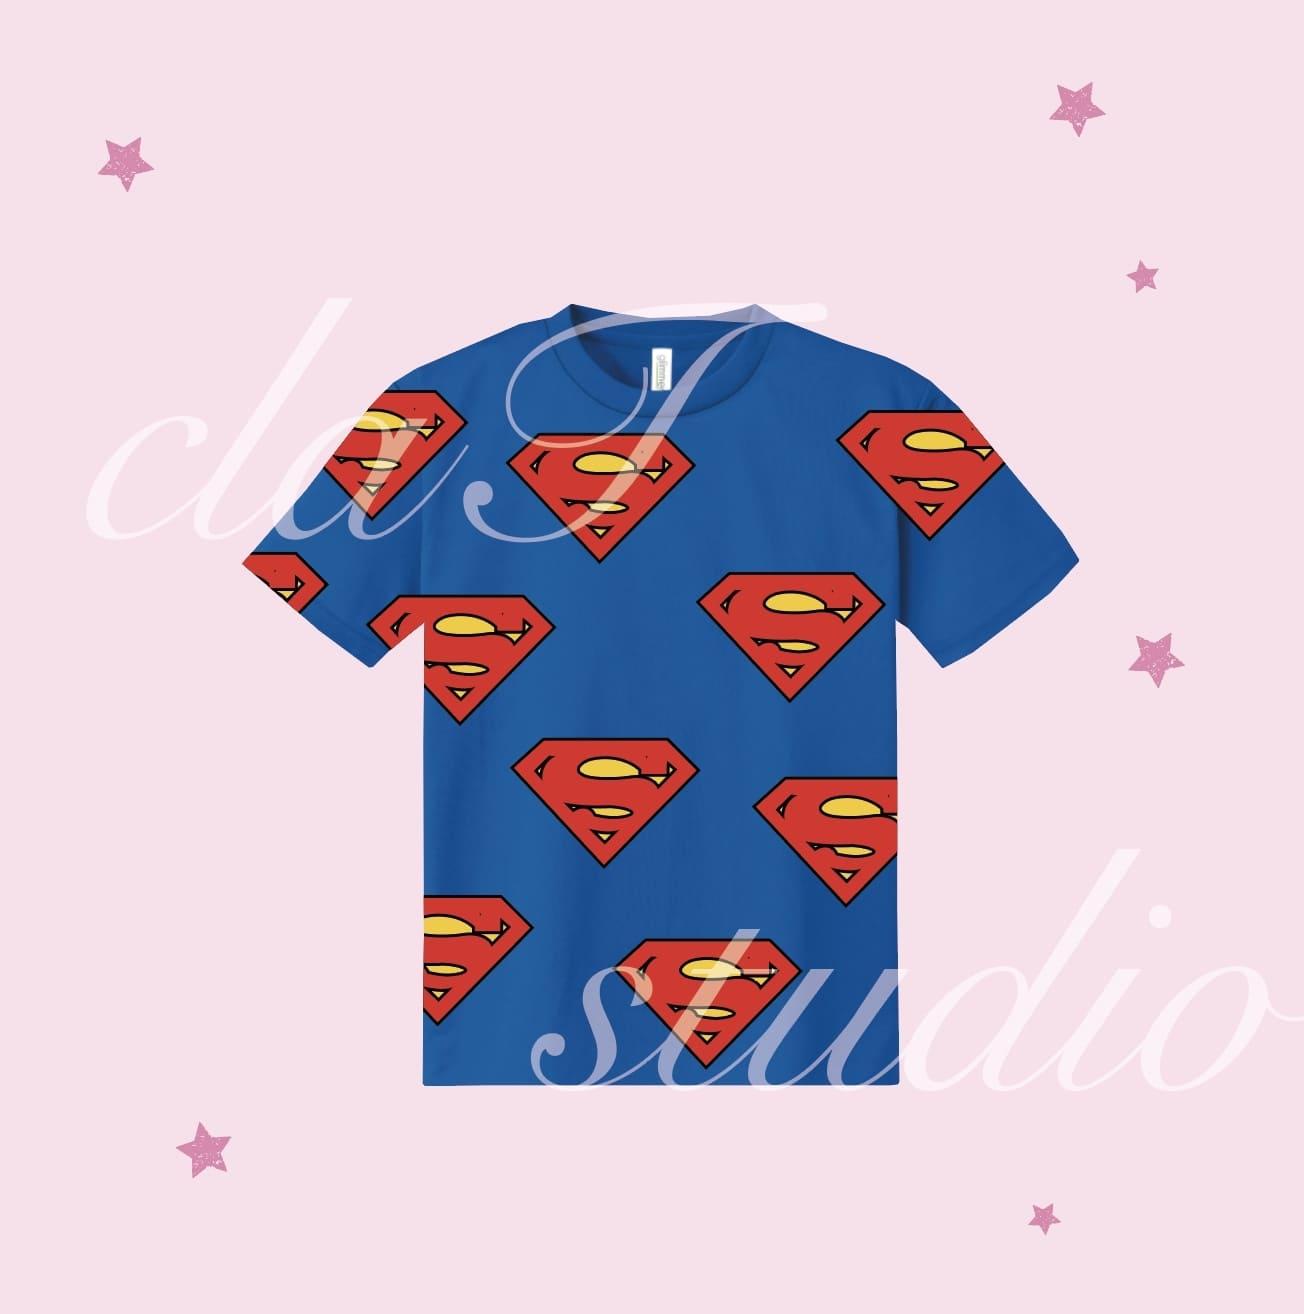 スーパーマン_image_0001